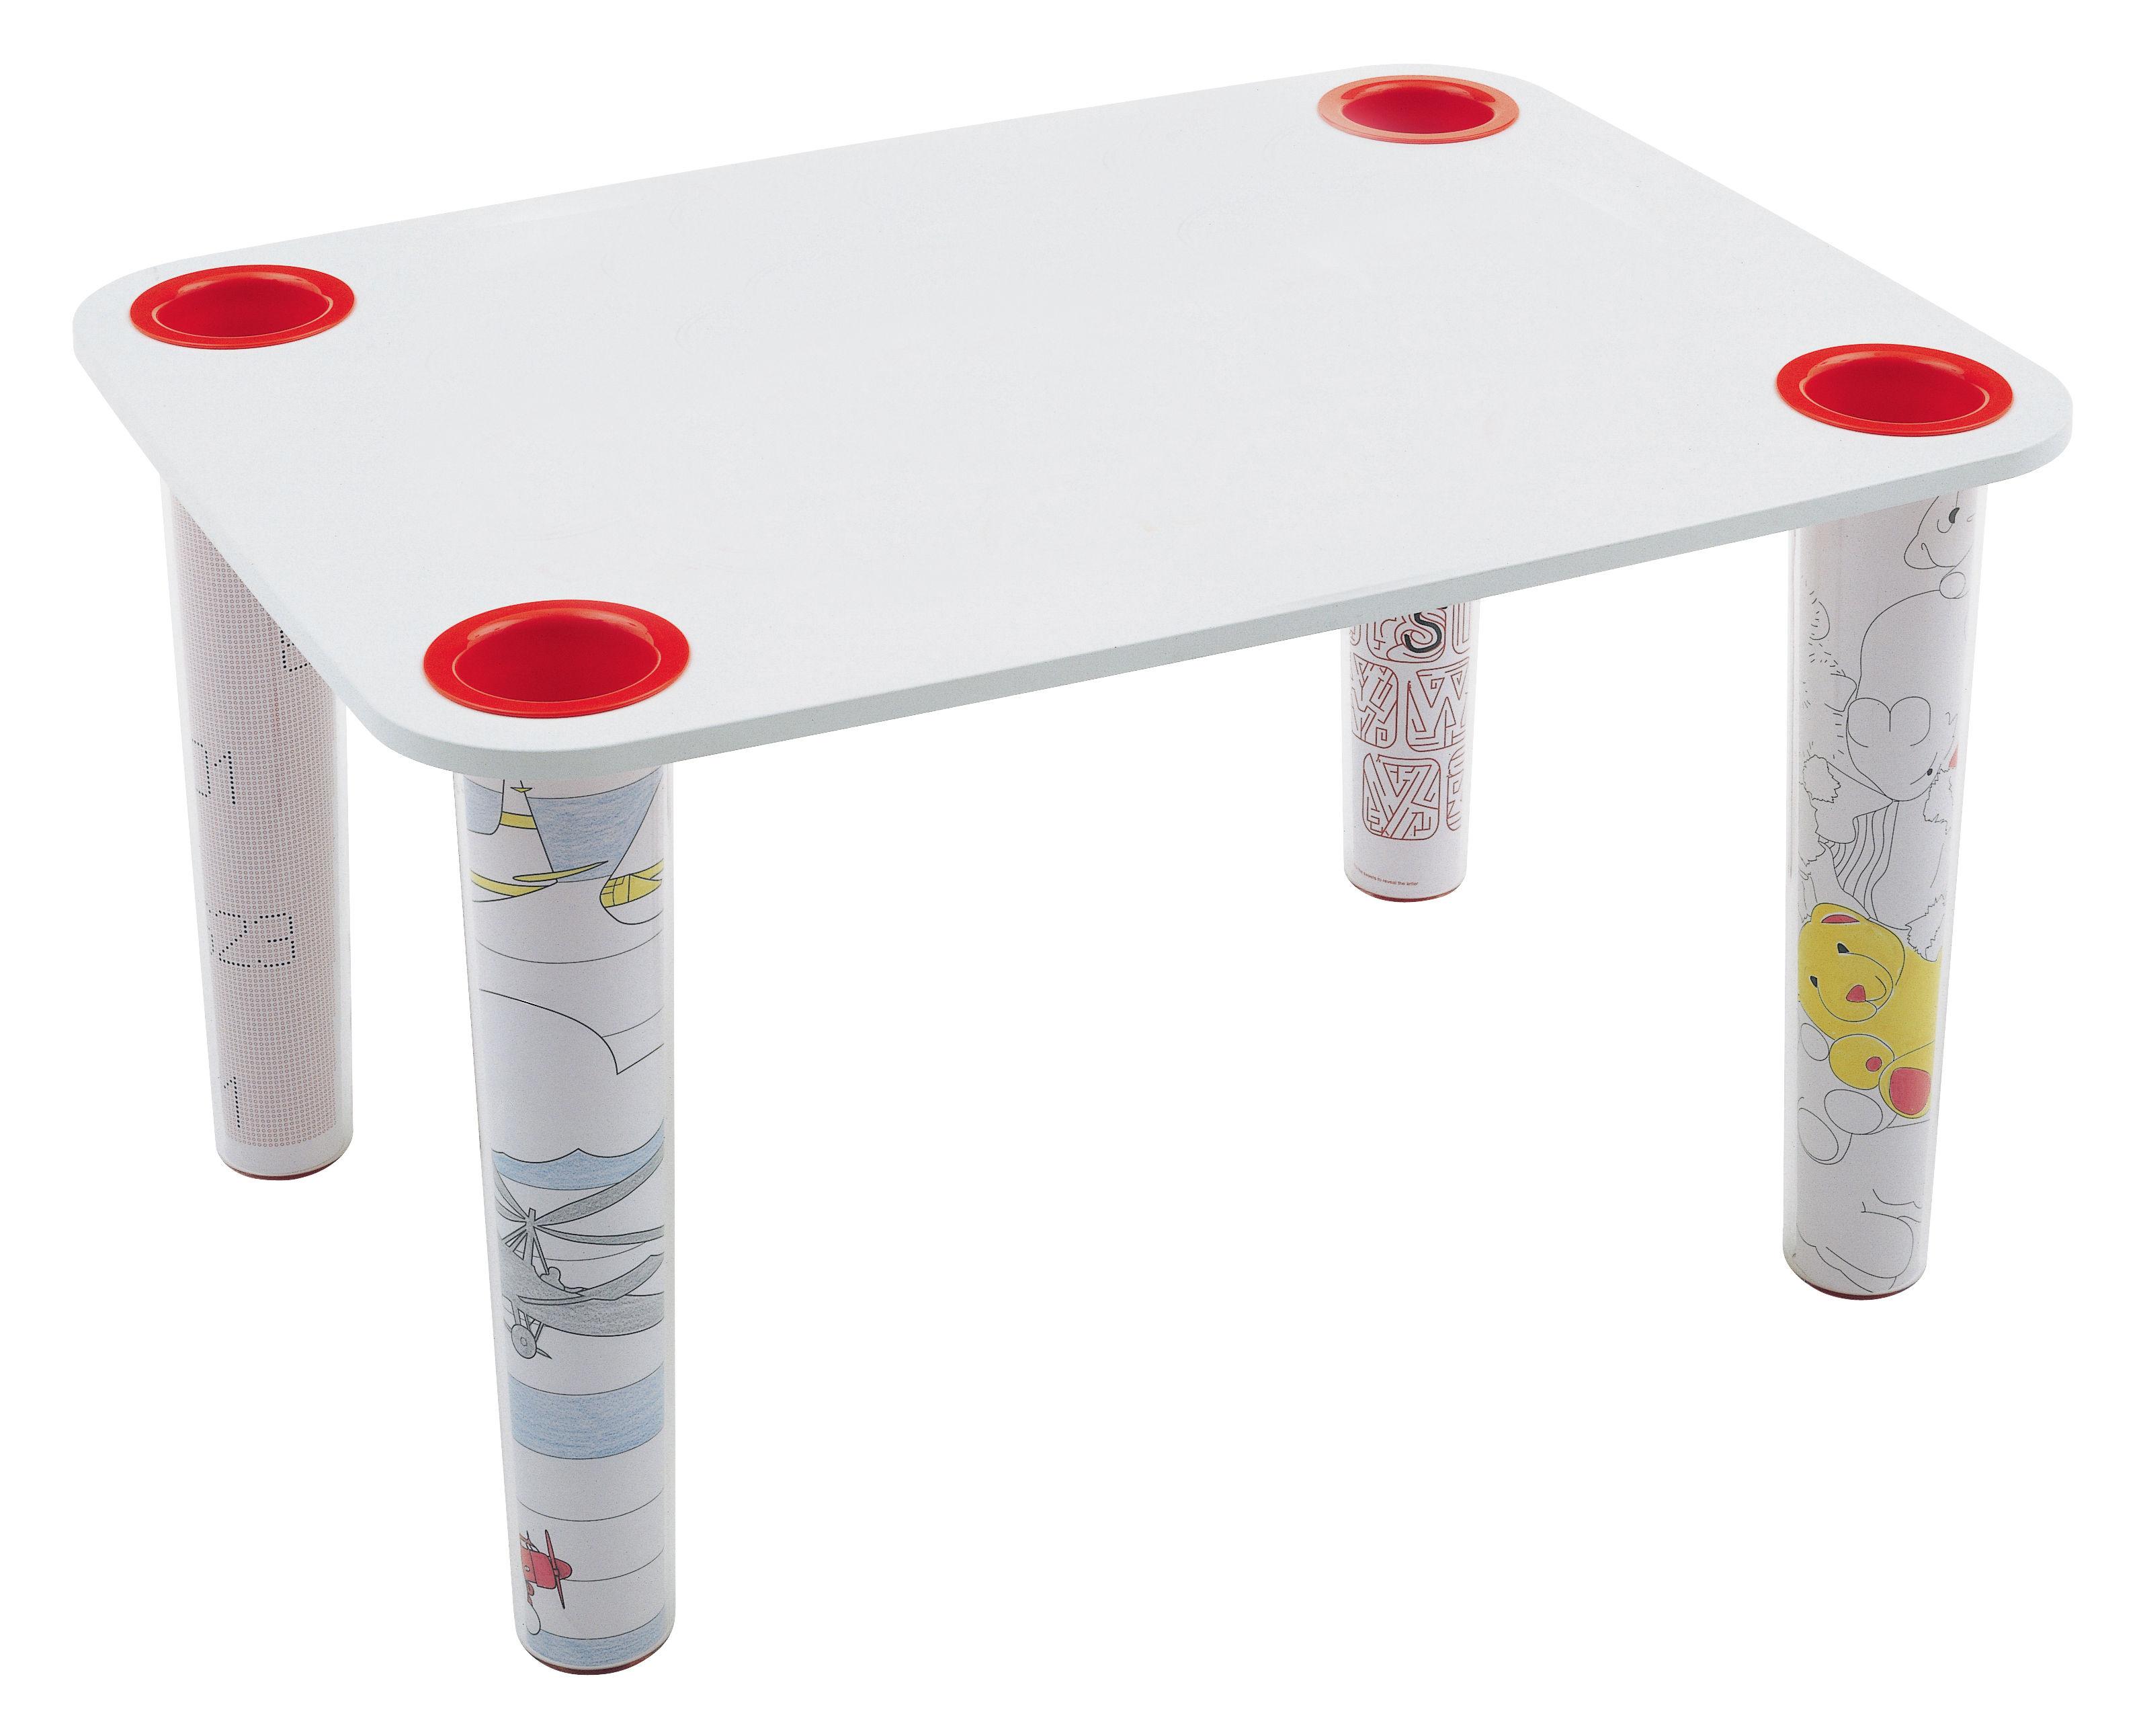 Arredamento - Mobili per bambini - Accessorio tavolo - Per tavolo Little Flare di Magis Collection Me Too - Piano bianco - MDF finitura polimero